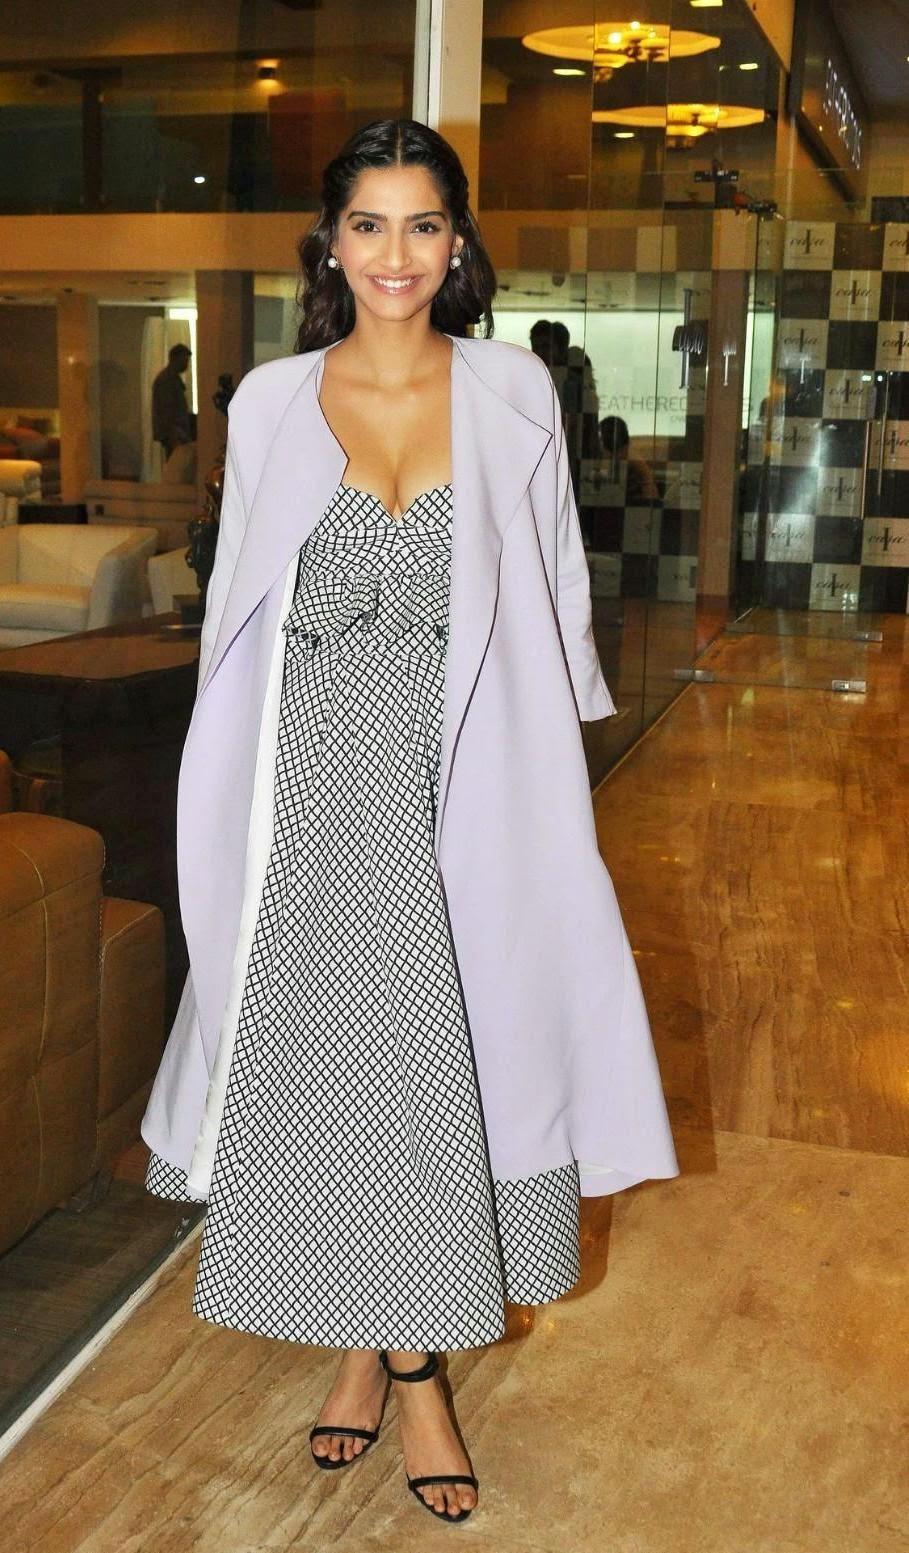 SONAM KAPOOR HOT PHOTOS : Sonam Kapoor's  Hottest Cleavage Pictures